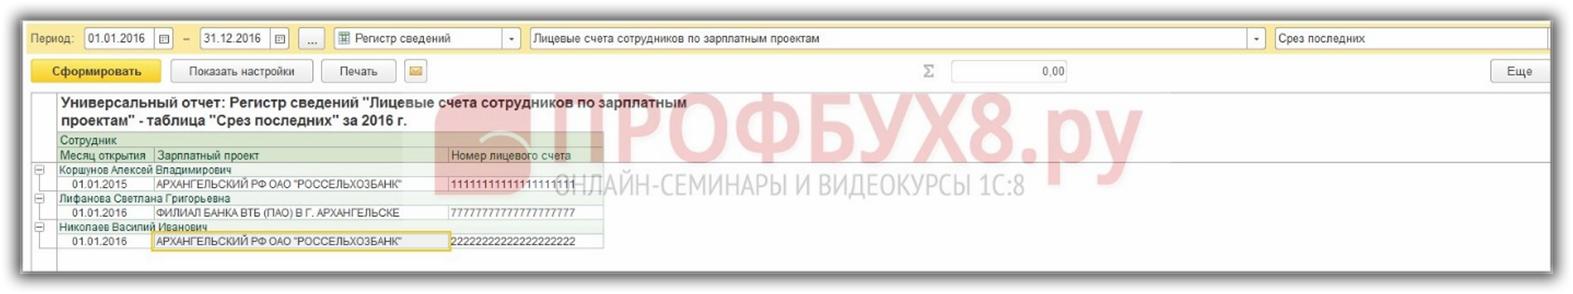 универсальный отчет по регистру сведений Лицевые счета сотрудников